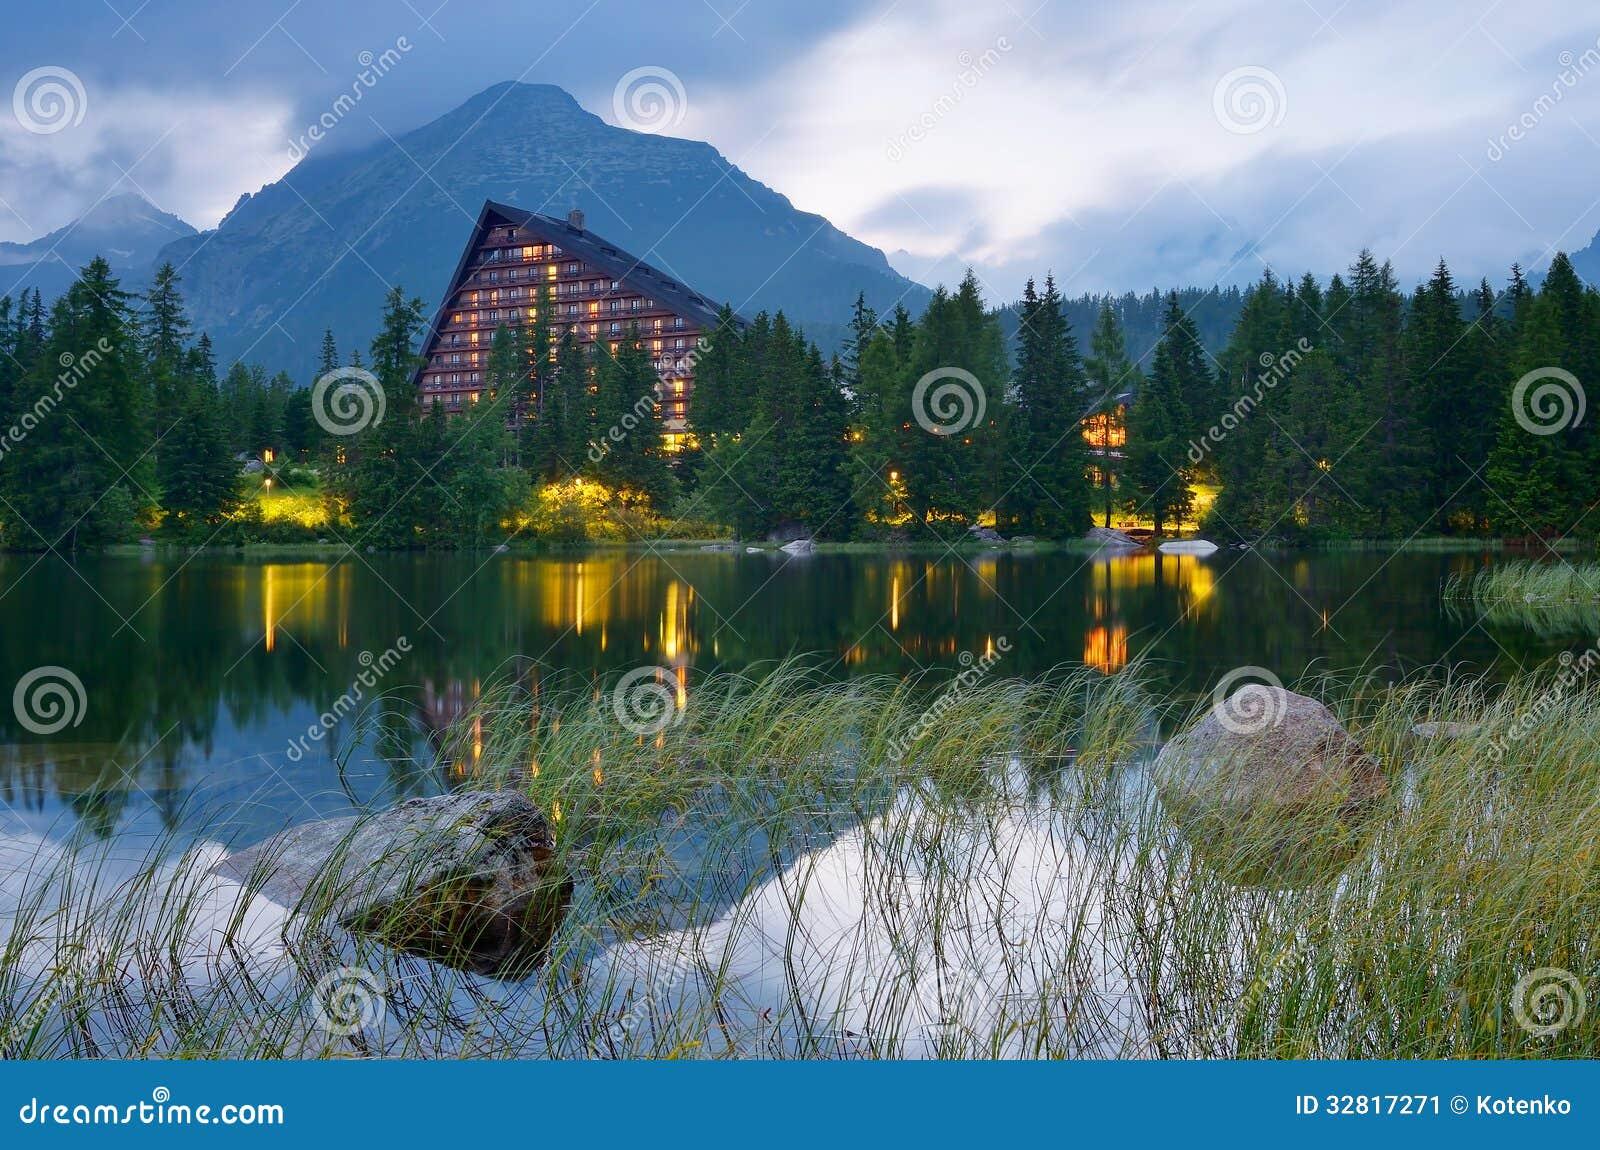 Hotel near the lake